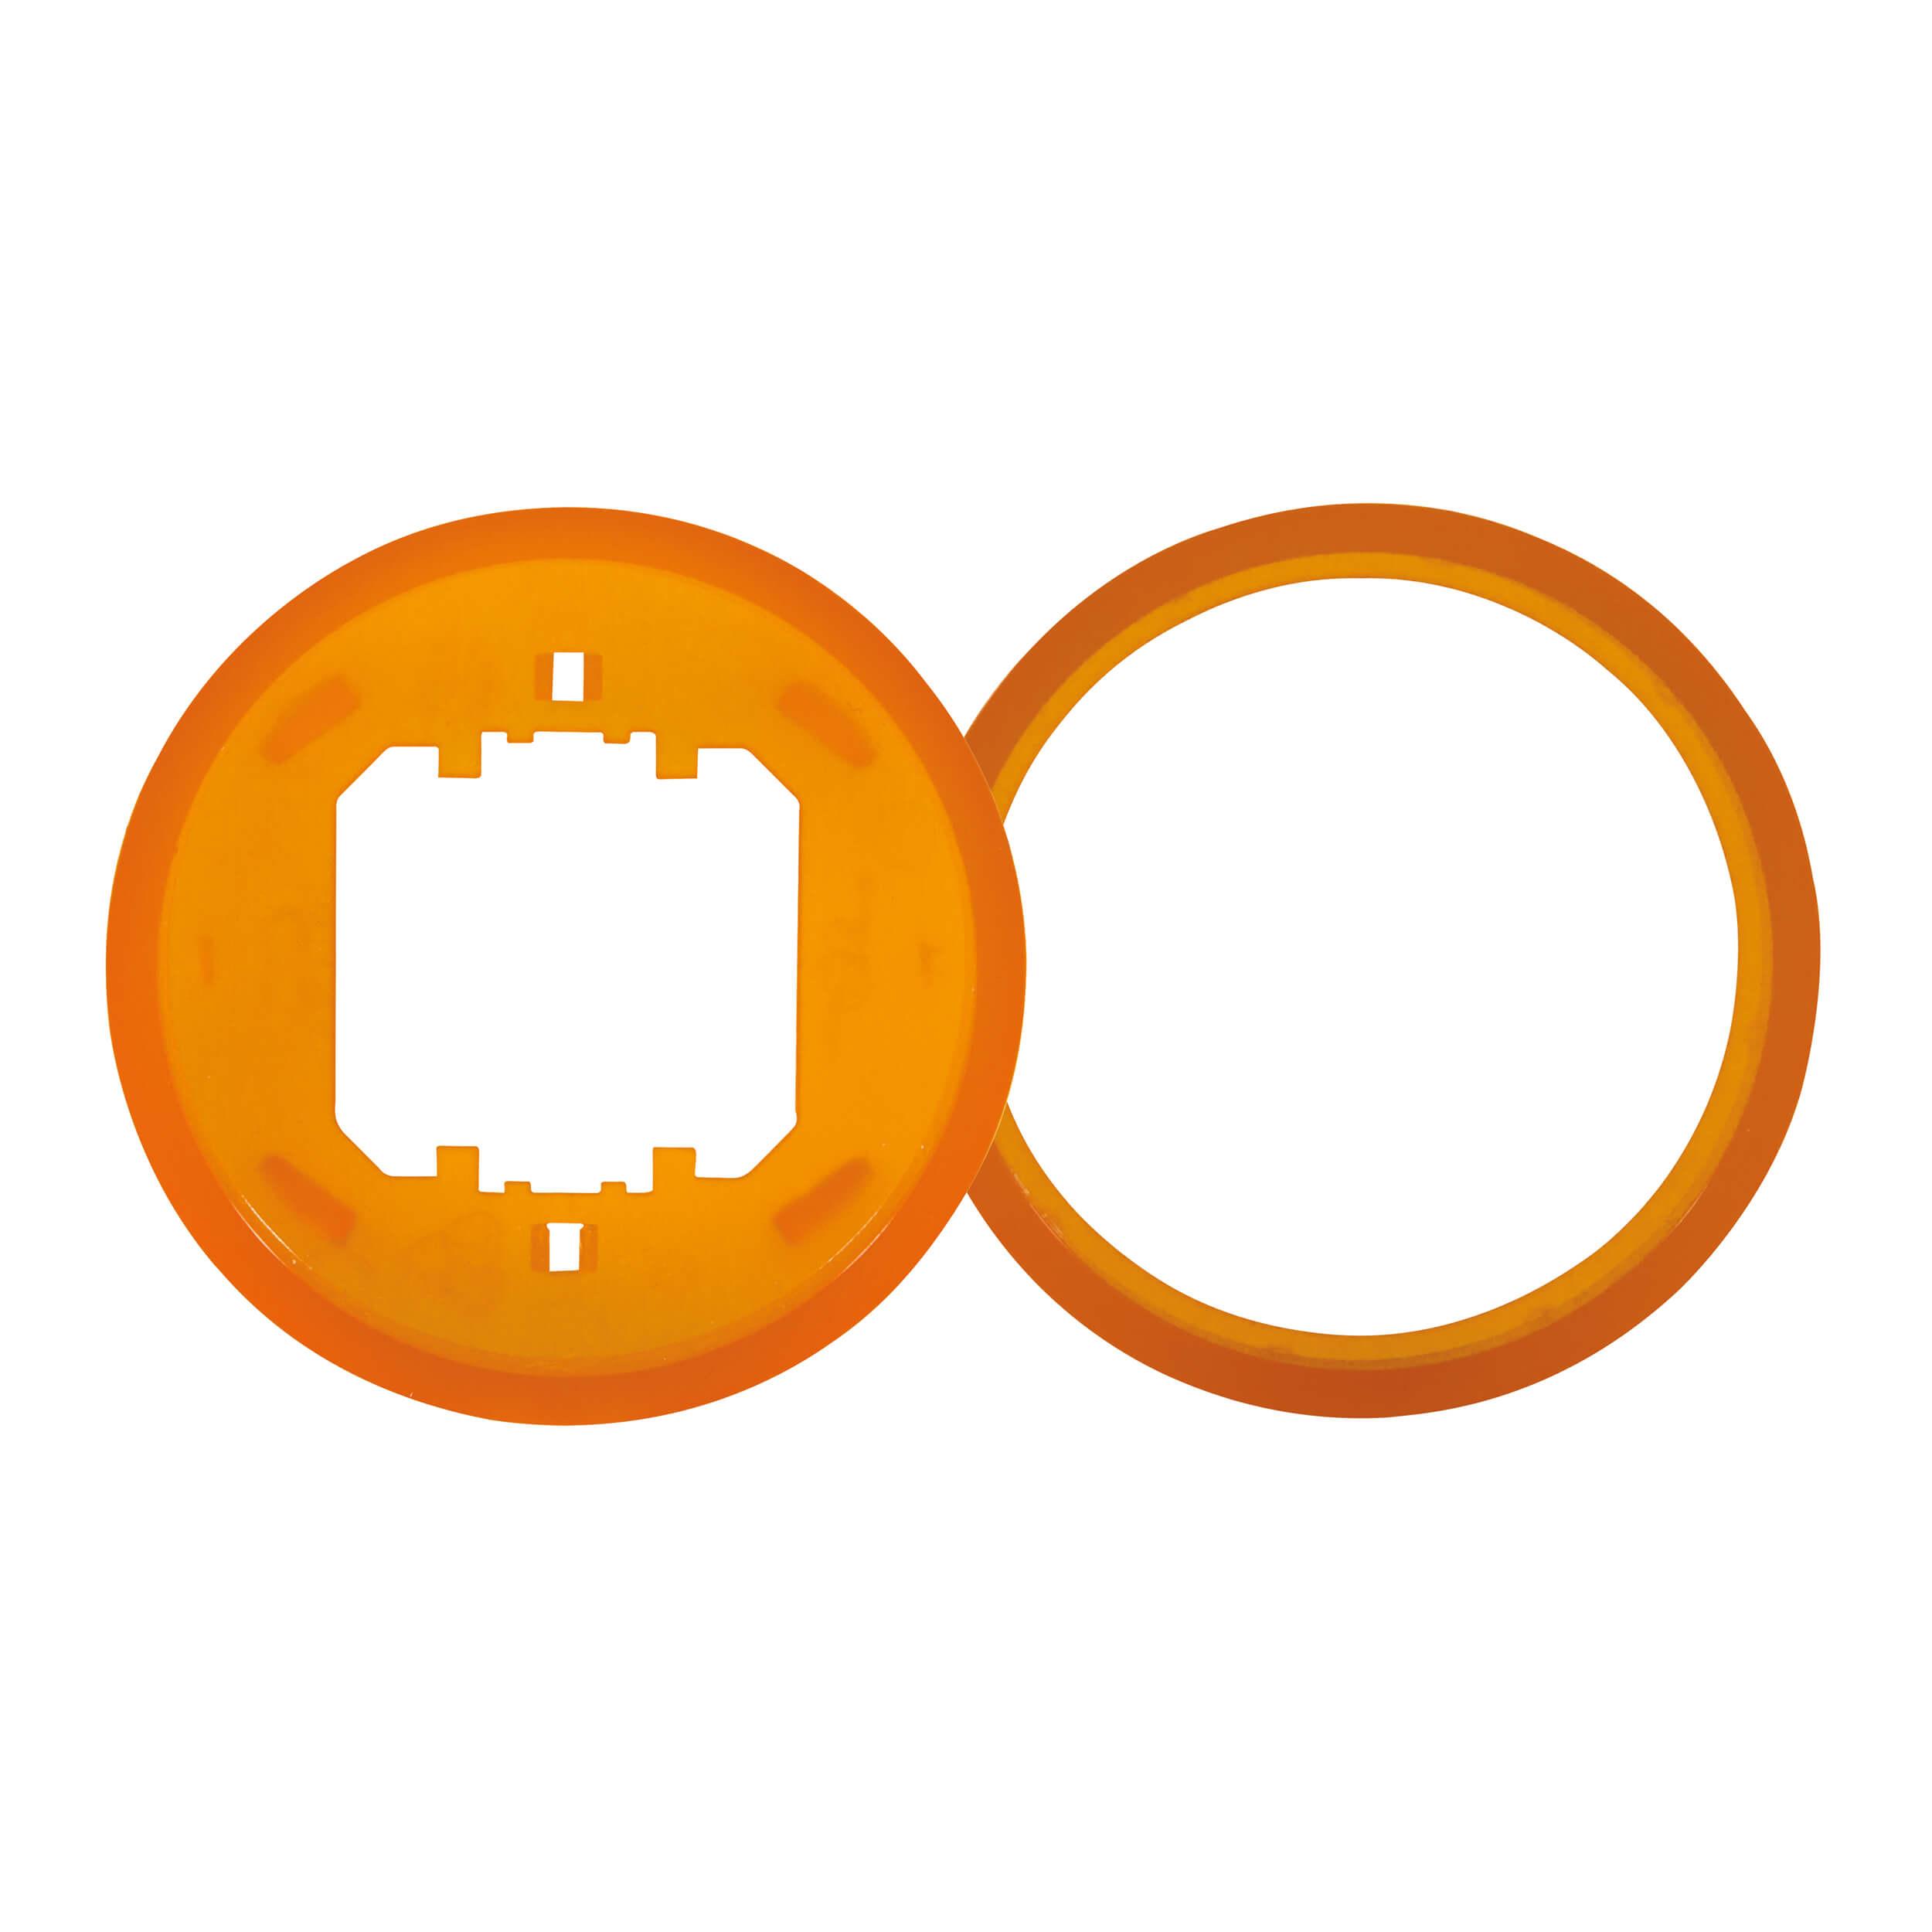 Ascoli Farbring-Einlegering 2+2 für Schalter- und Steckdosenprogramm, orange